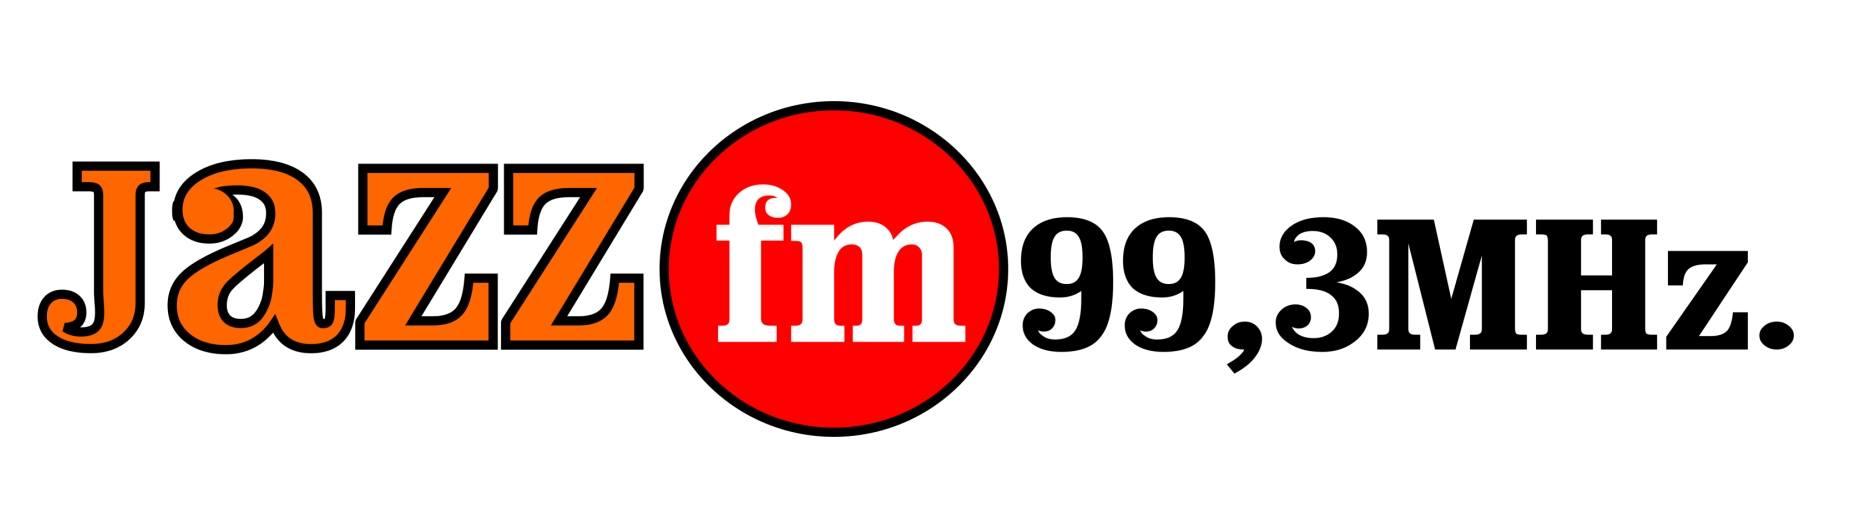 Jazz Fm 99,3 MHz